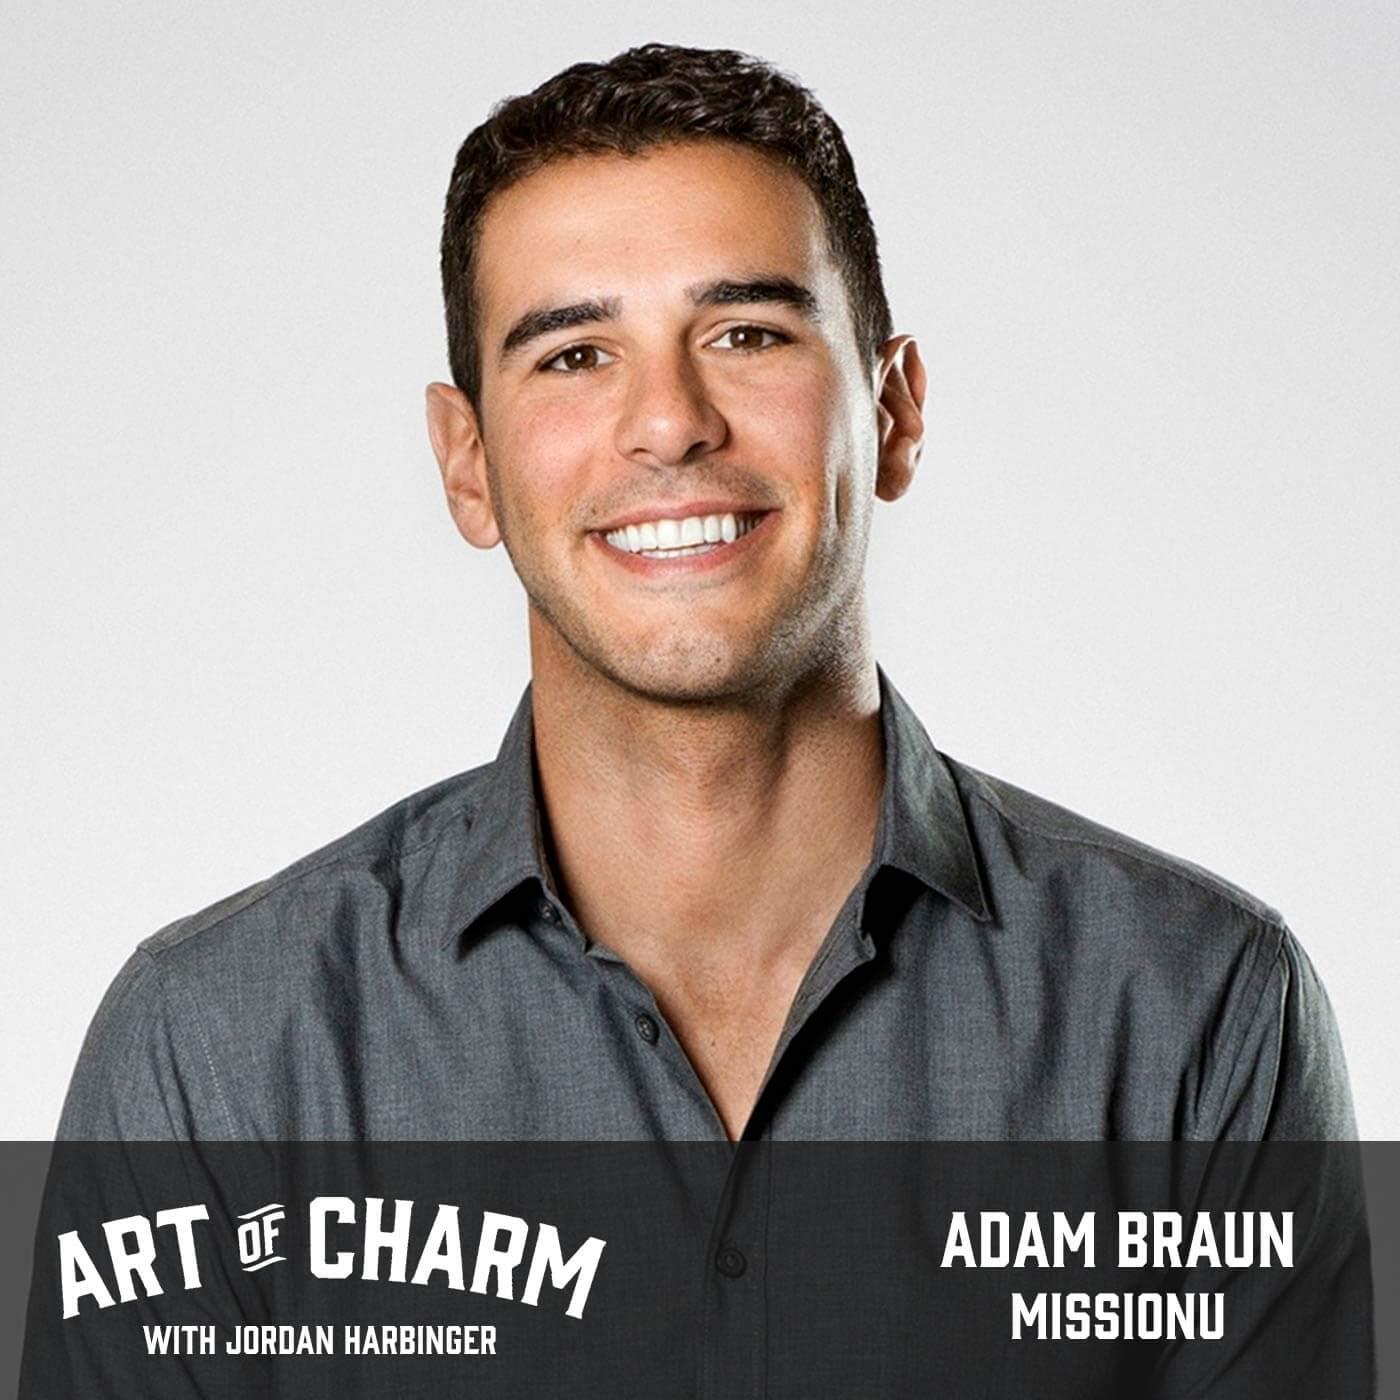 Adam braun missionu